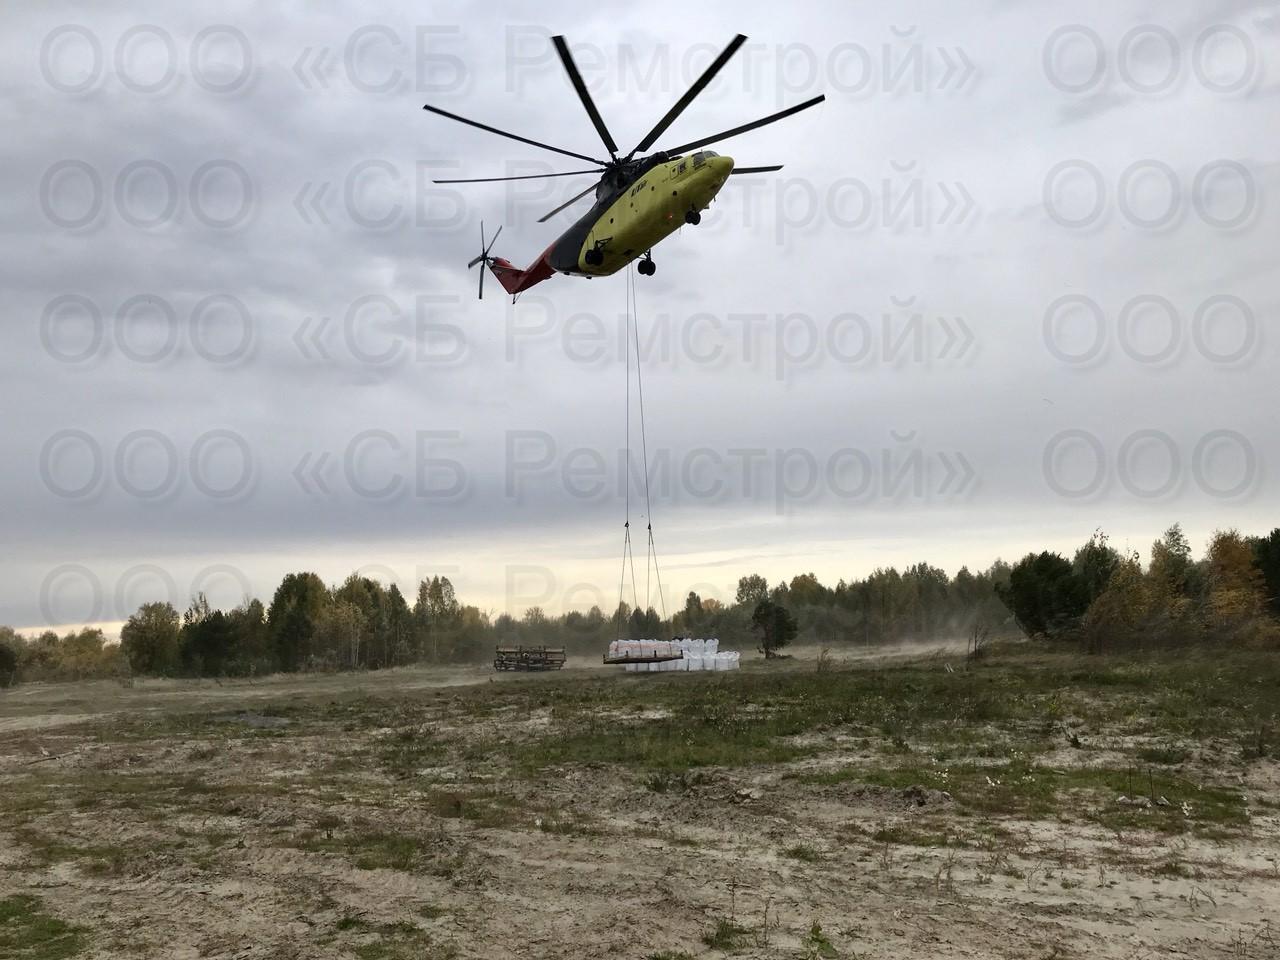 Транспортировка вертолетом | фото 1 из 1